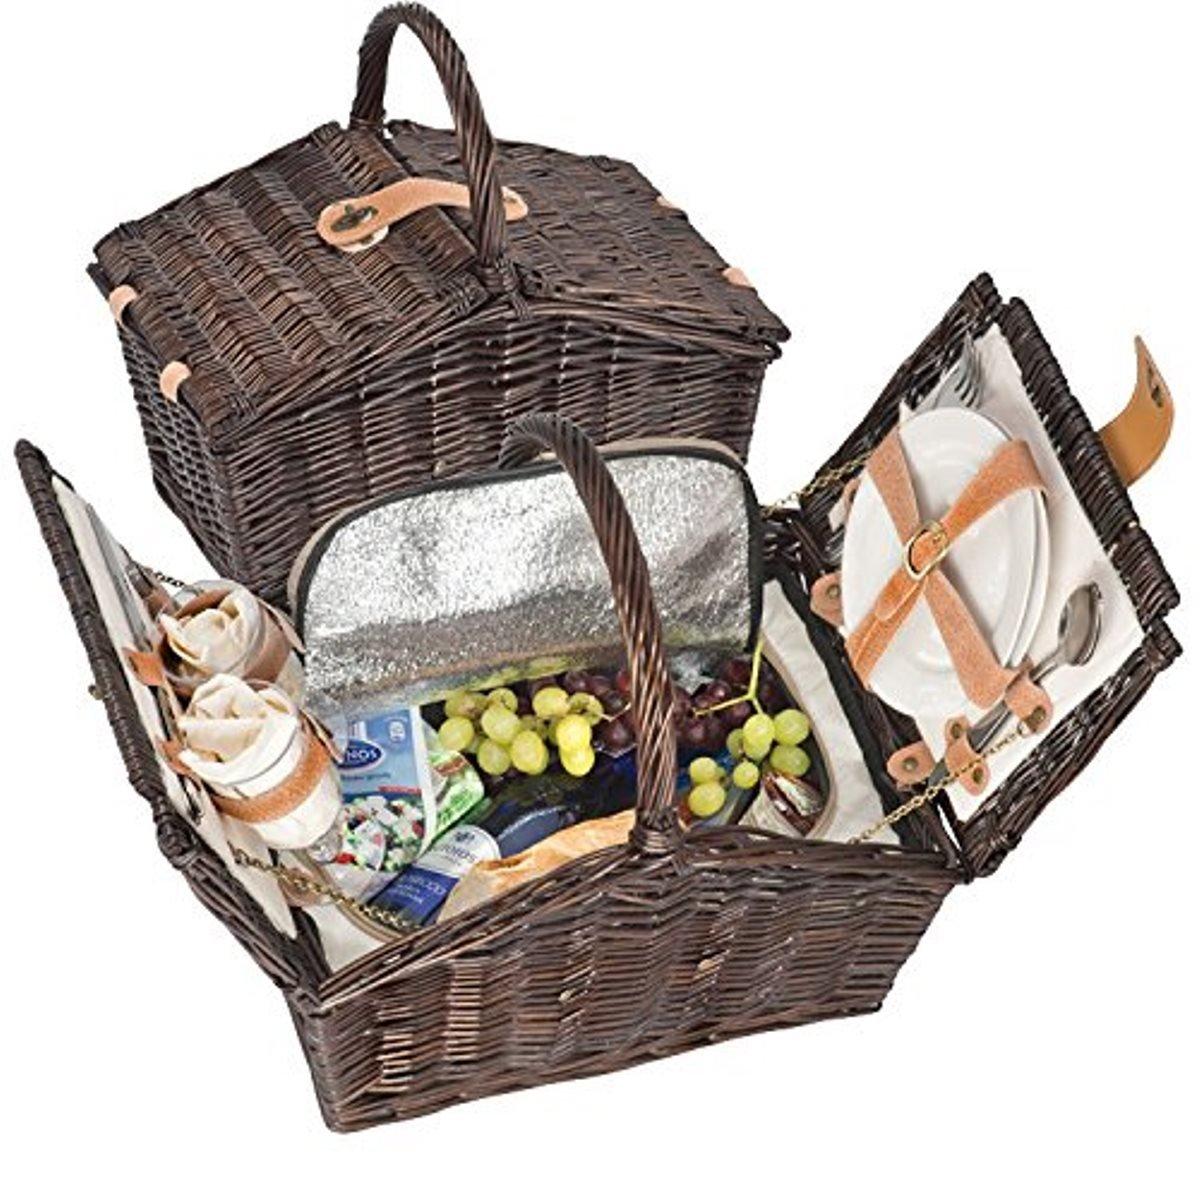 *Picknickkorb gefüllt für 2 Personen mit Kühltasche*